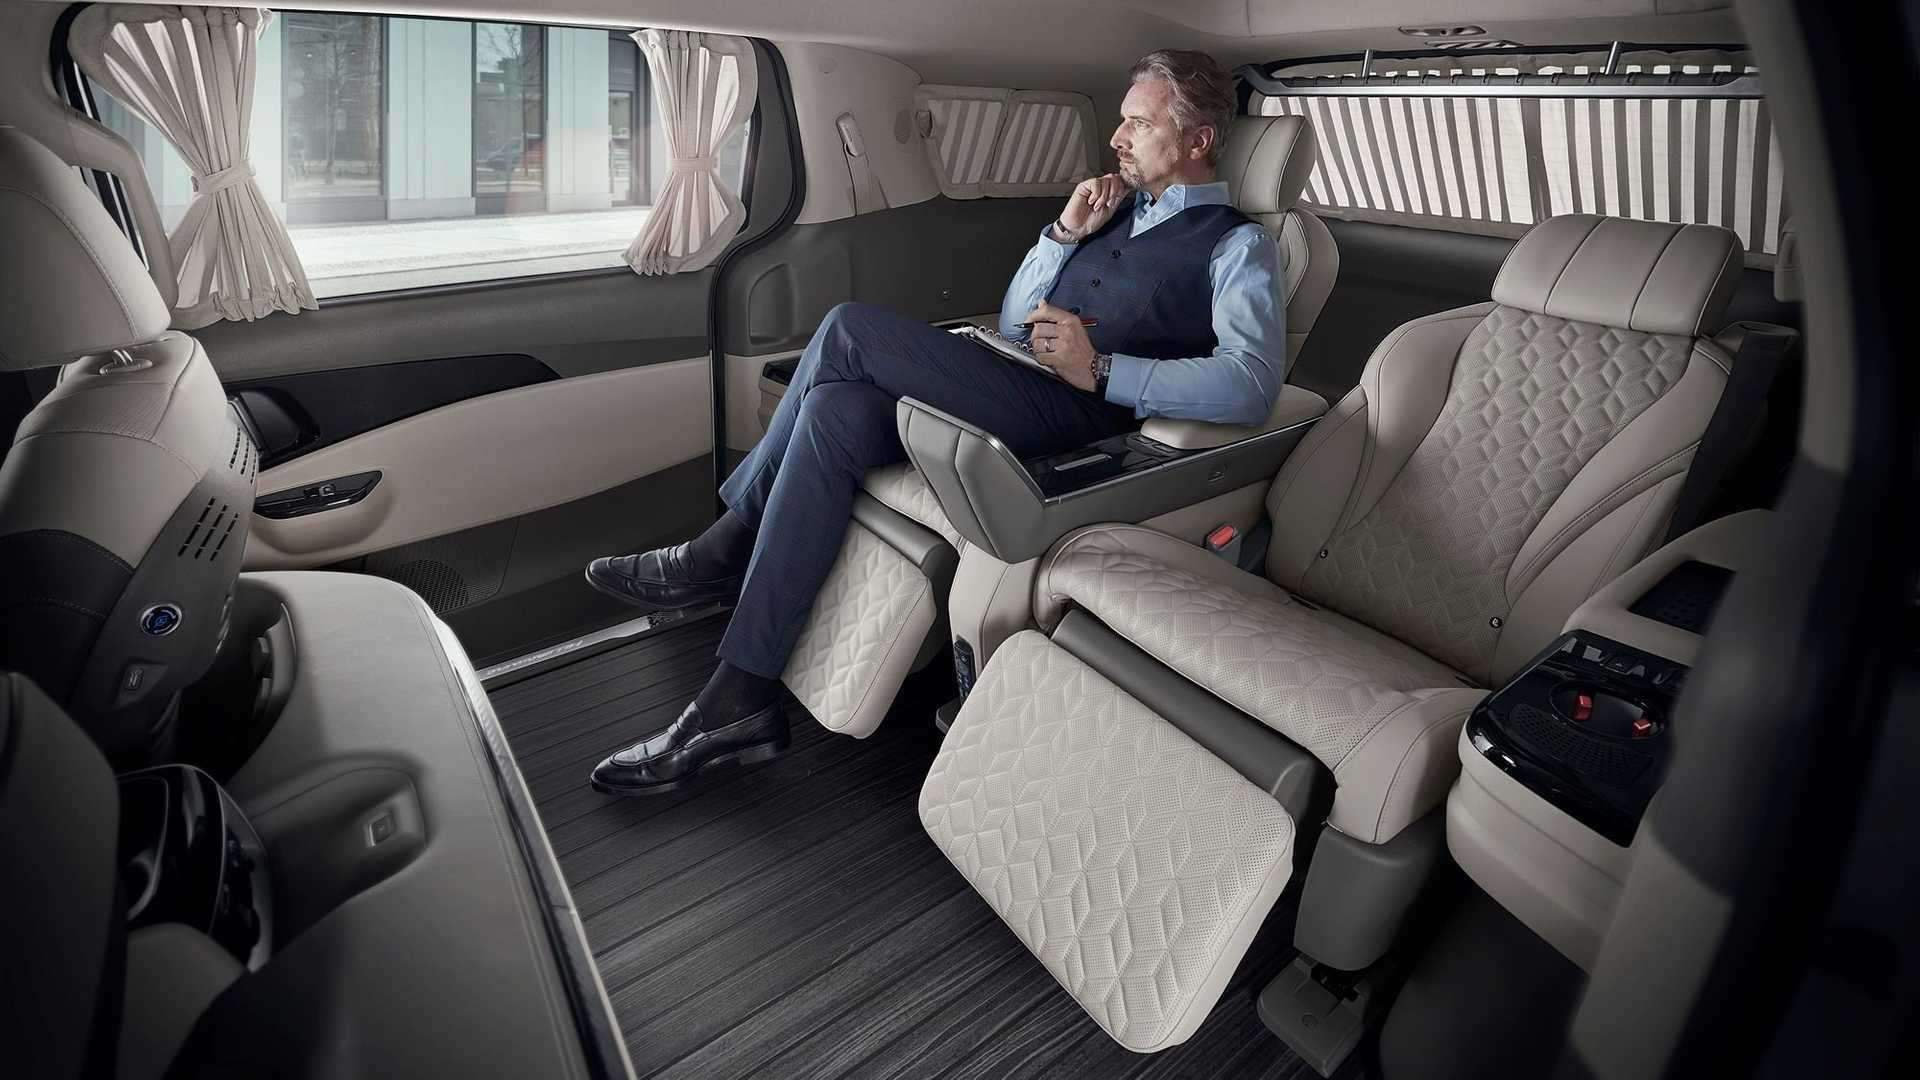 2022_Kia_Carnival_Hi-Limousine_KDM-0021